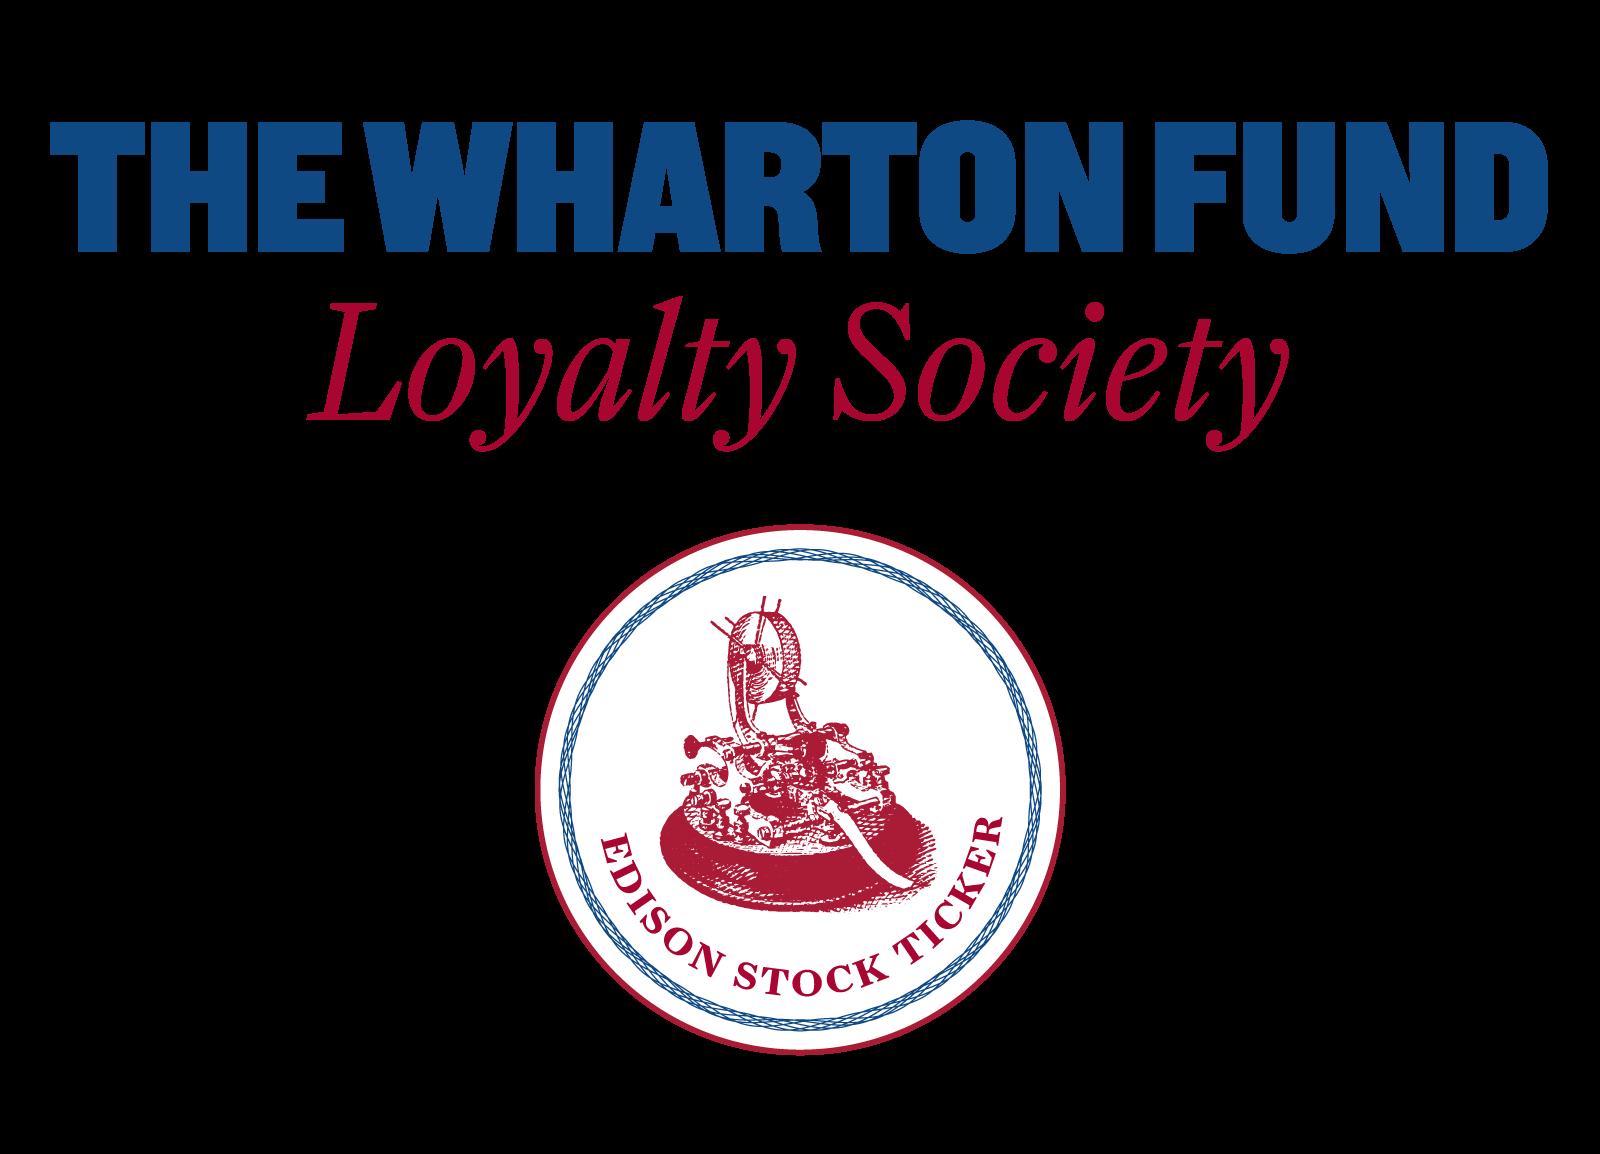 The Wharton Fund Loyalty Society Logo